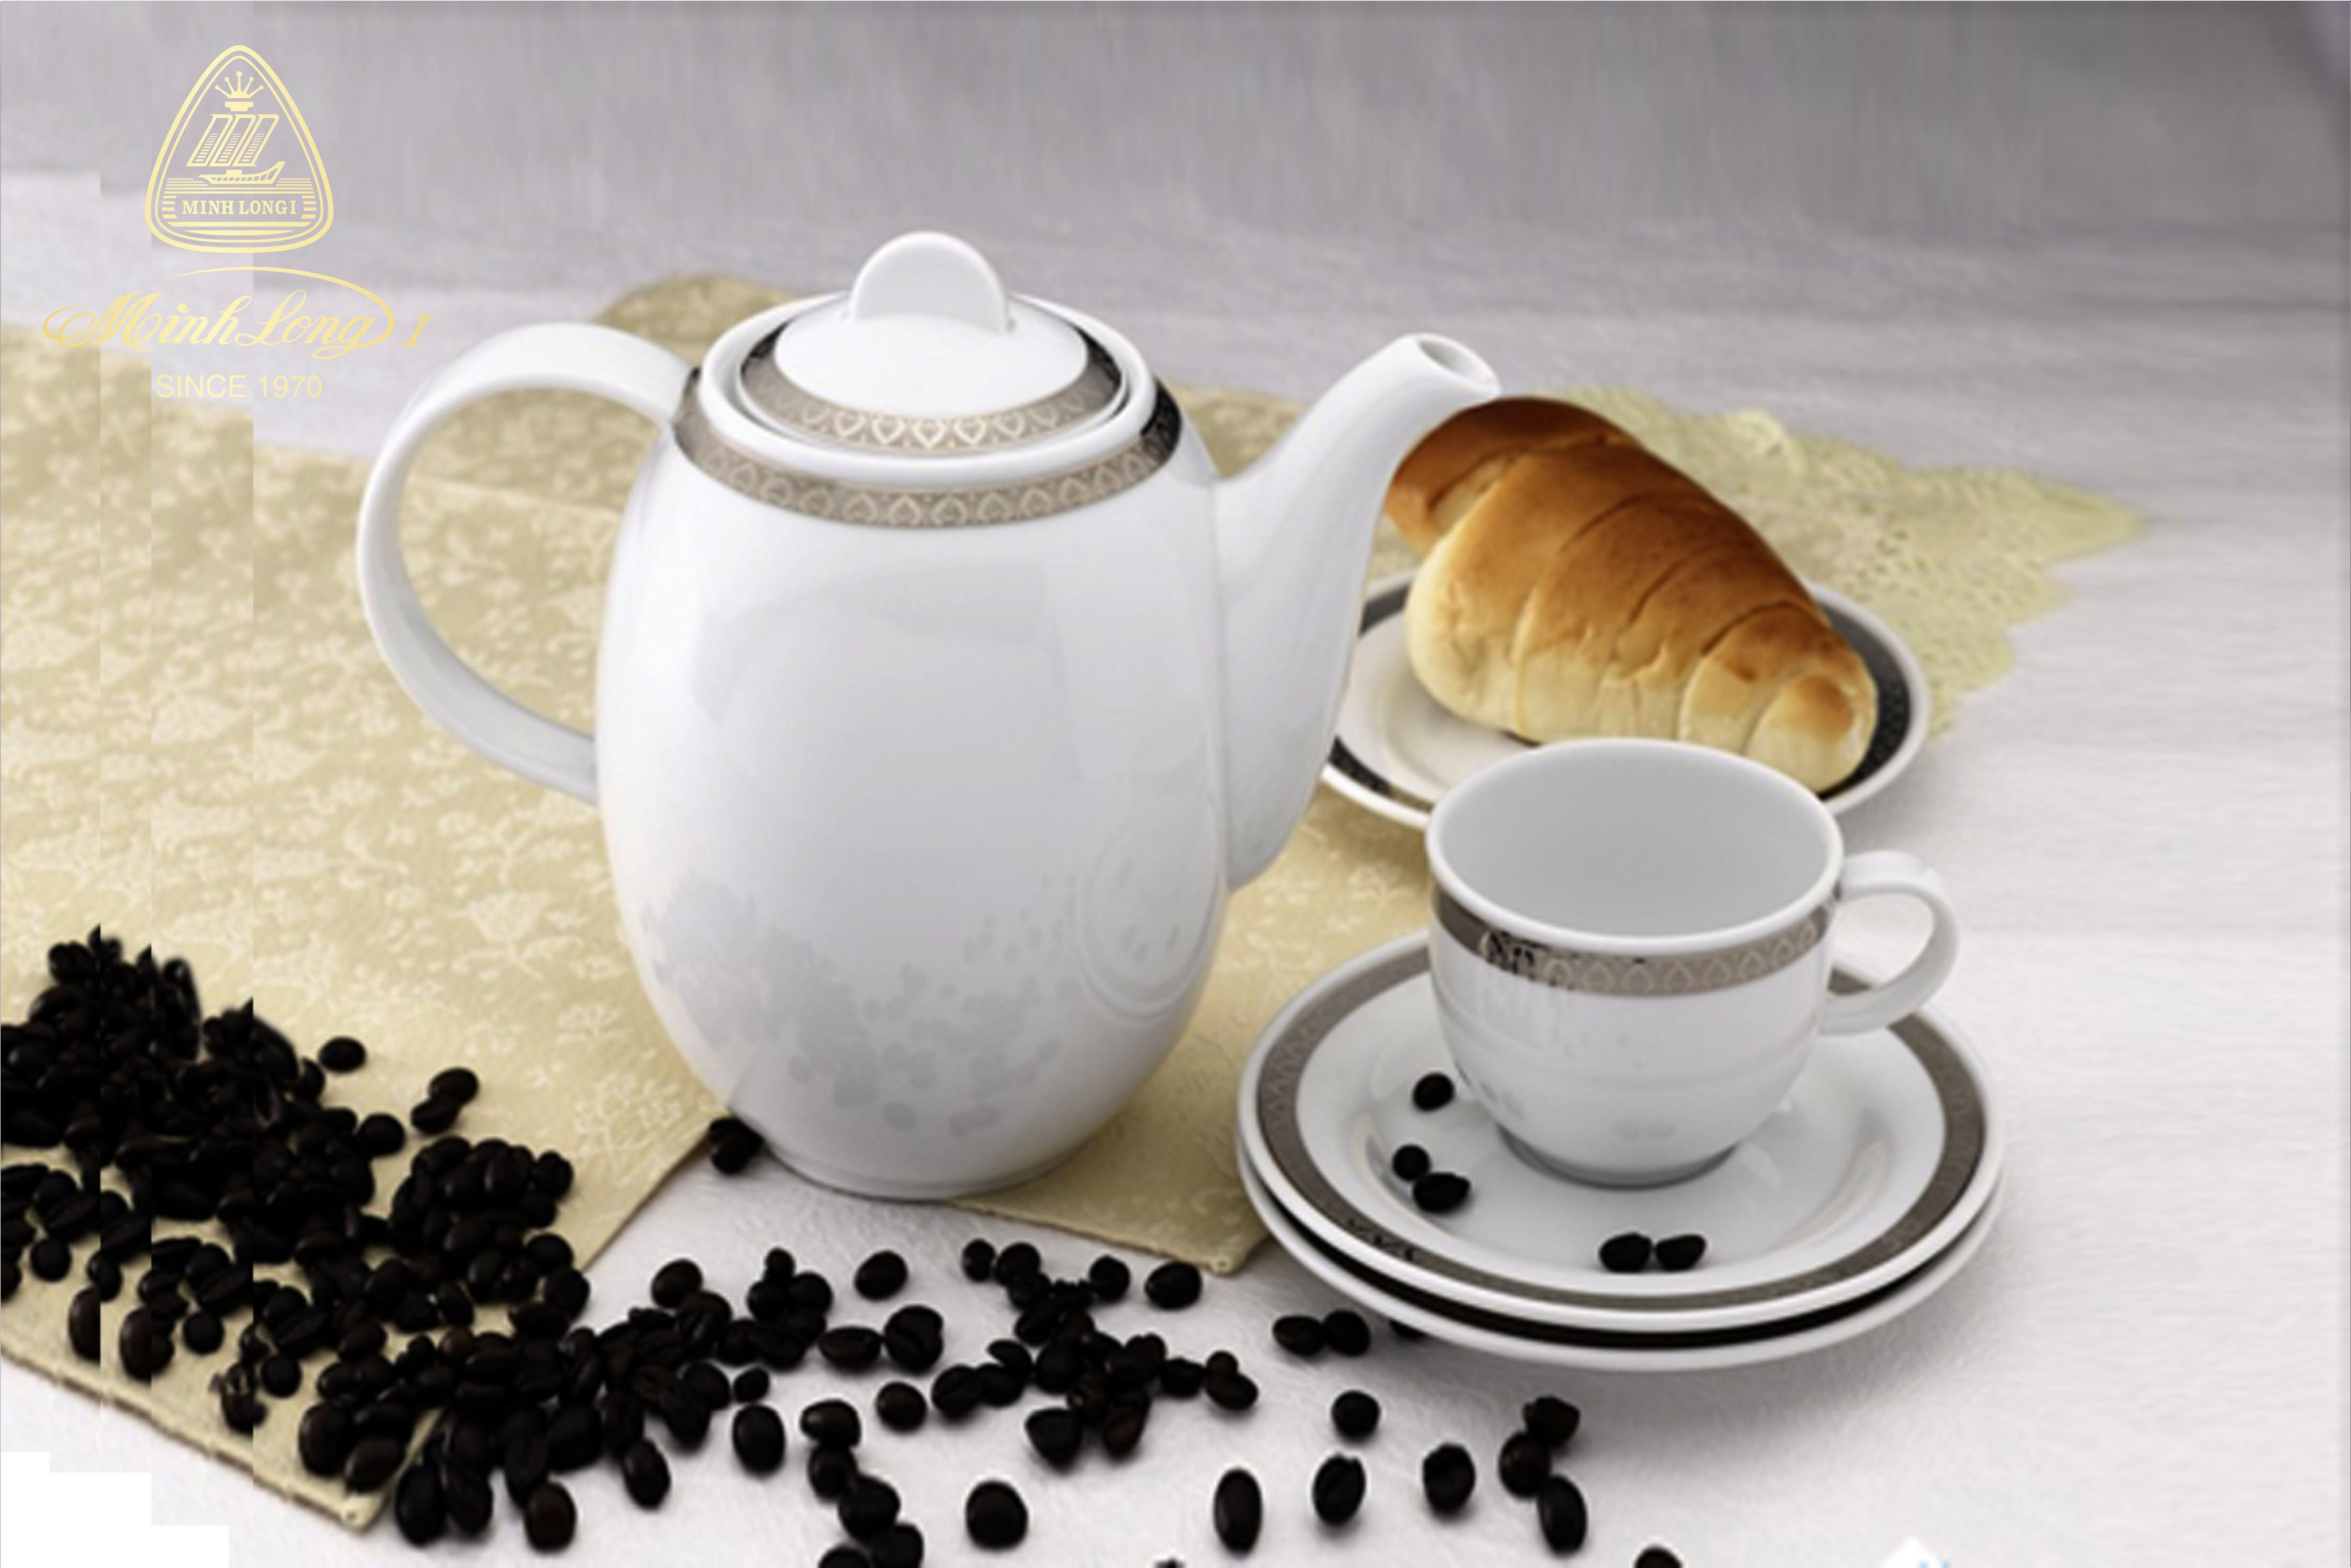 Bộ cà phê 0.8L Sago Thiên Tuế 01080101803 Minh Long